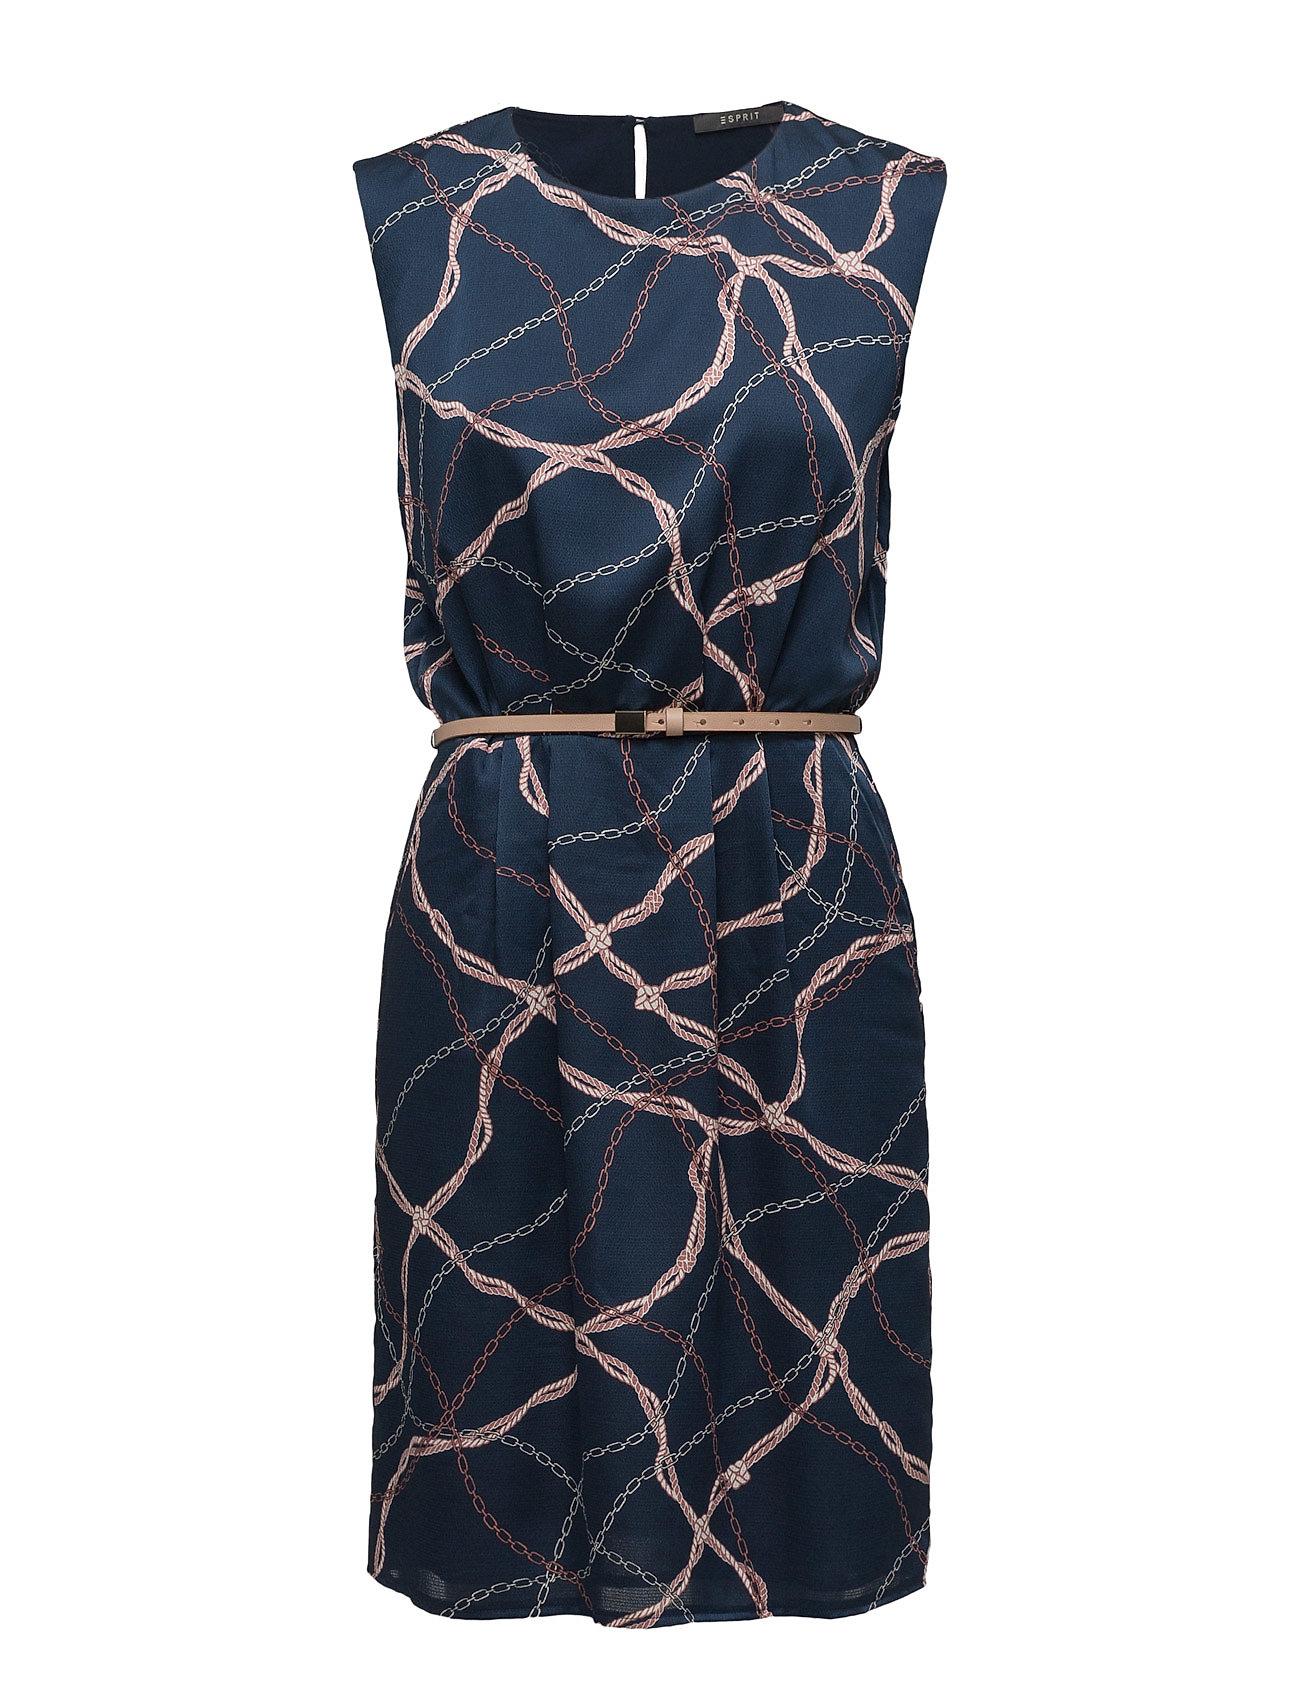 Esprit Collection Dresses Light Woven 299215770